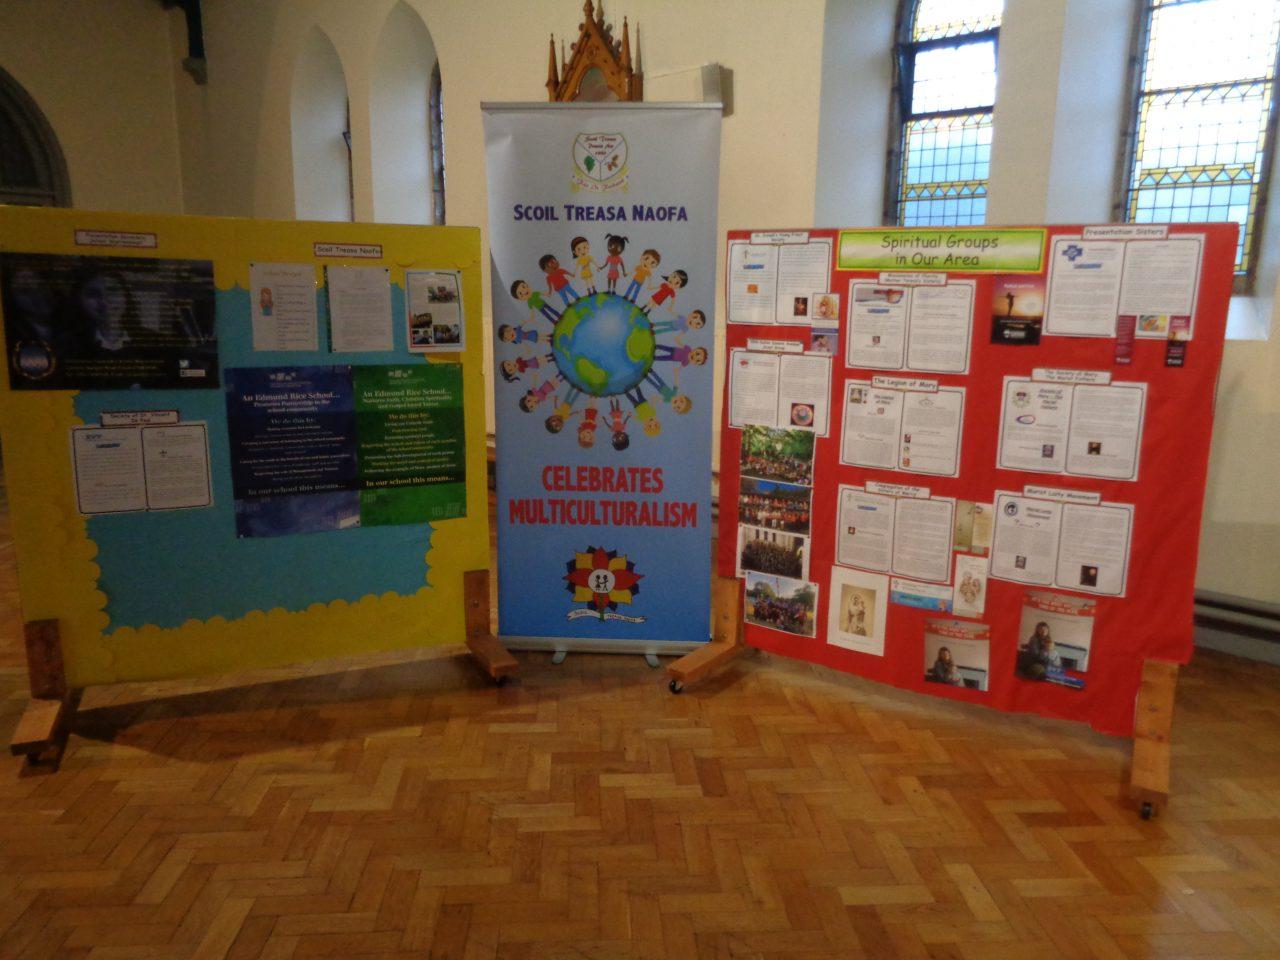 Spiritual Groups in the Parish